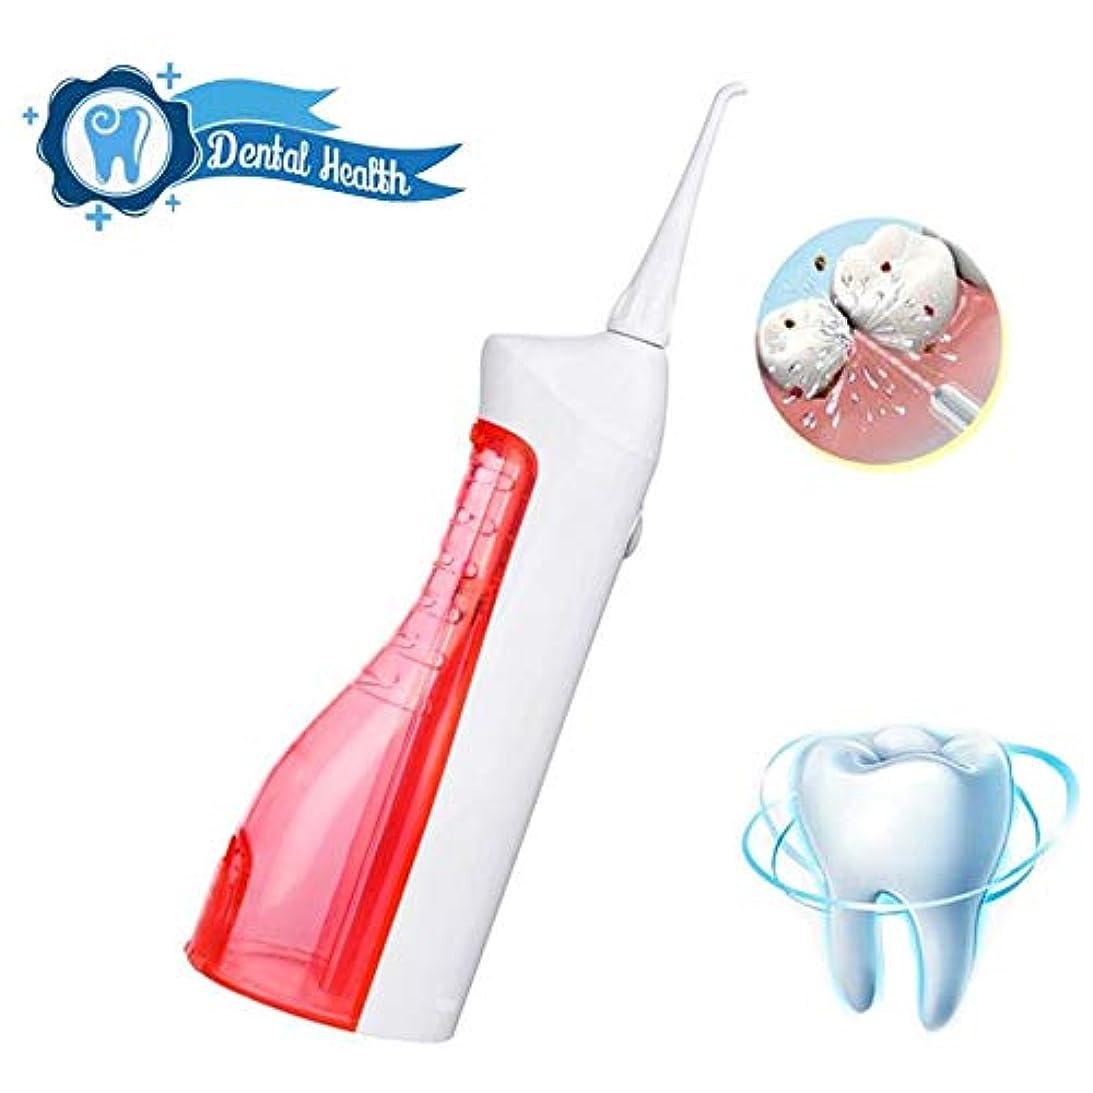 礼拝見ましたブレース歯のためのウォーターフロッサー、ポータブルプロフェッショナルコードレス歯科口腔灌漑器(150mlタンク、2本のジェットチップ付き)歯磨き粉用クリーナー、2つのクリーニングモード、USB充電式、IPX7